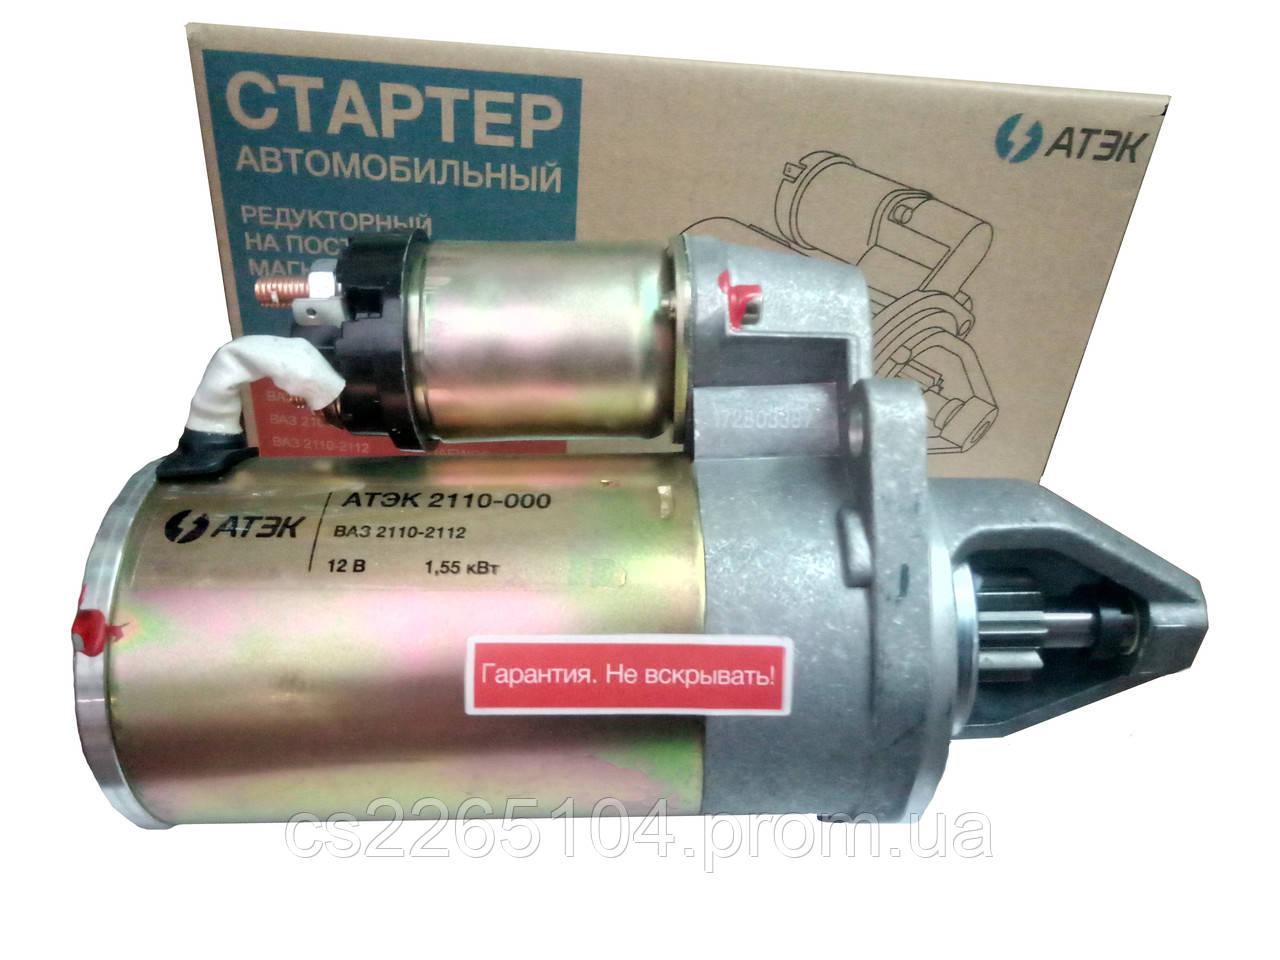 Стартер редукторный ВАЗ 2110-2112 АТЭК(Беларусь)